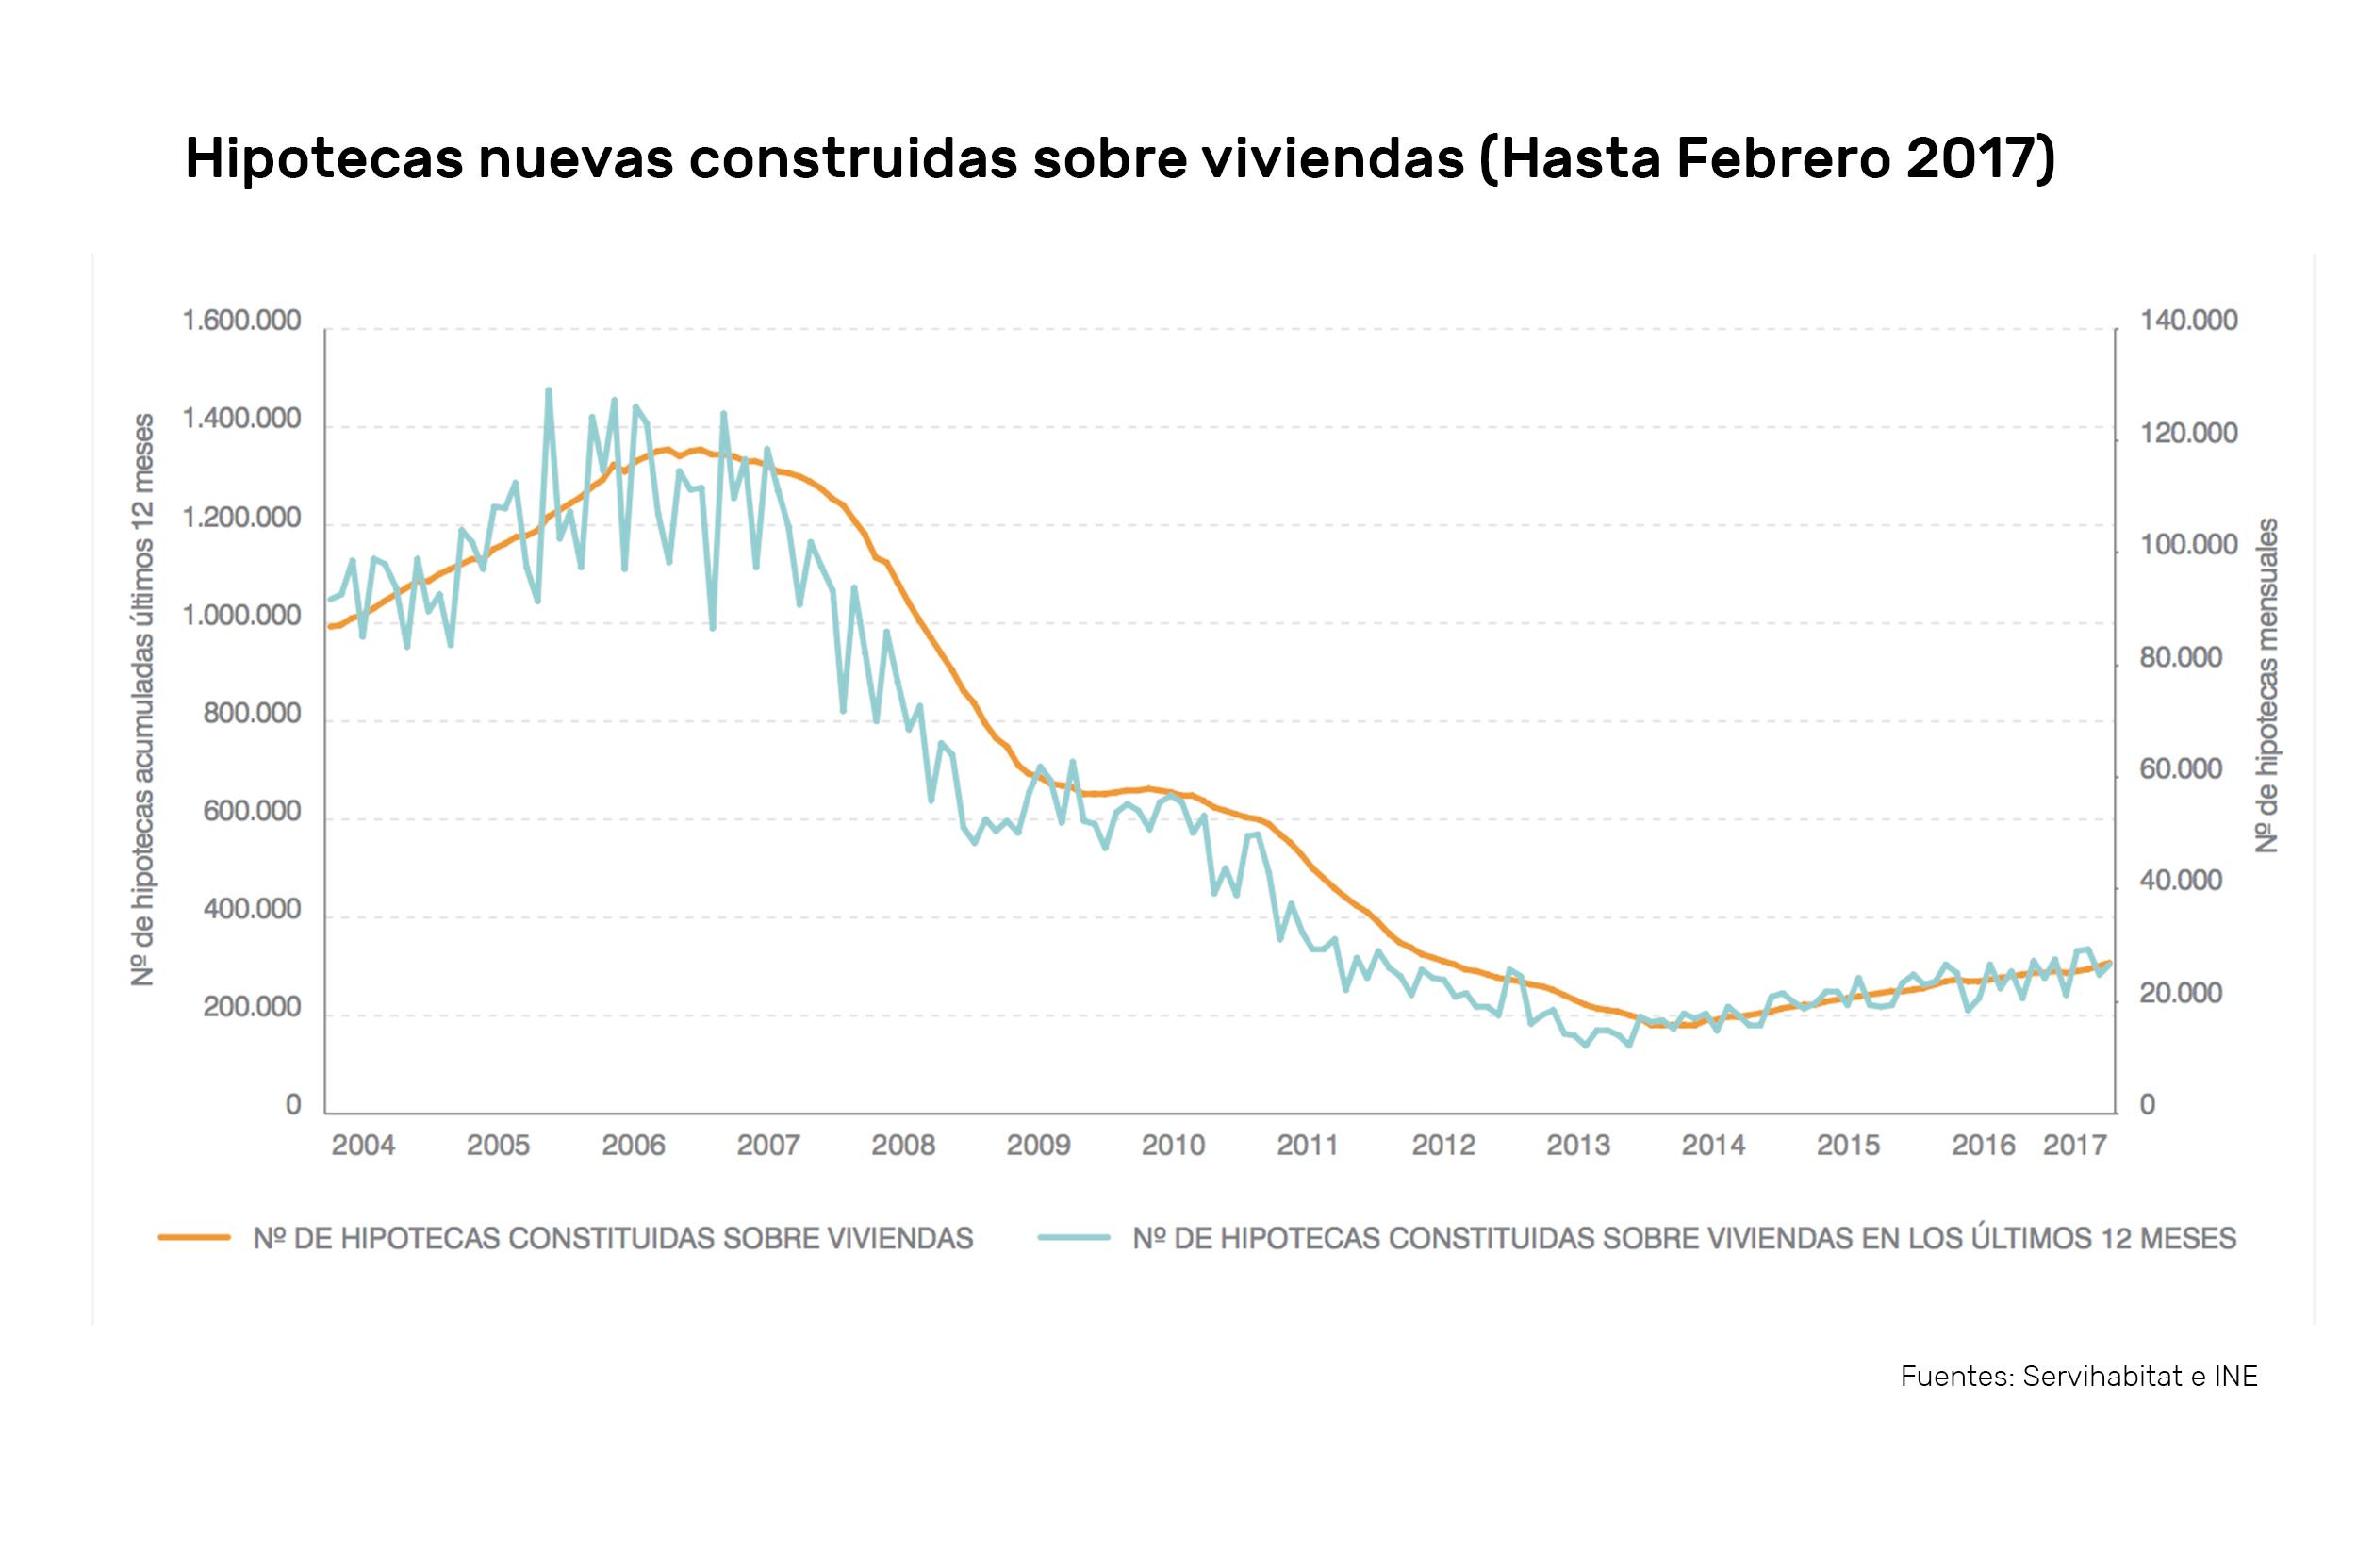 Previsiones del mercado inmobiliario para 2.018 hipotecas Housers